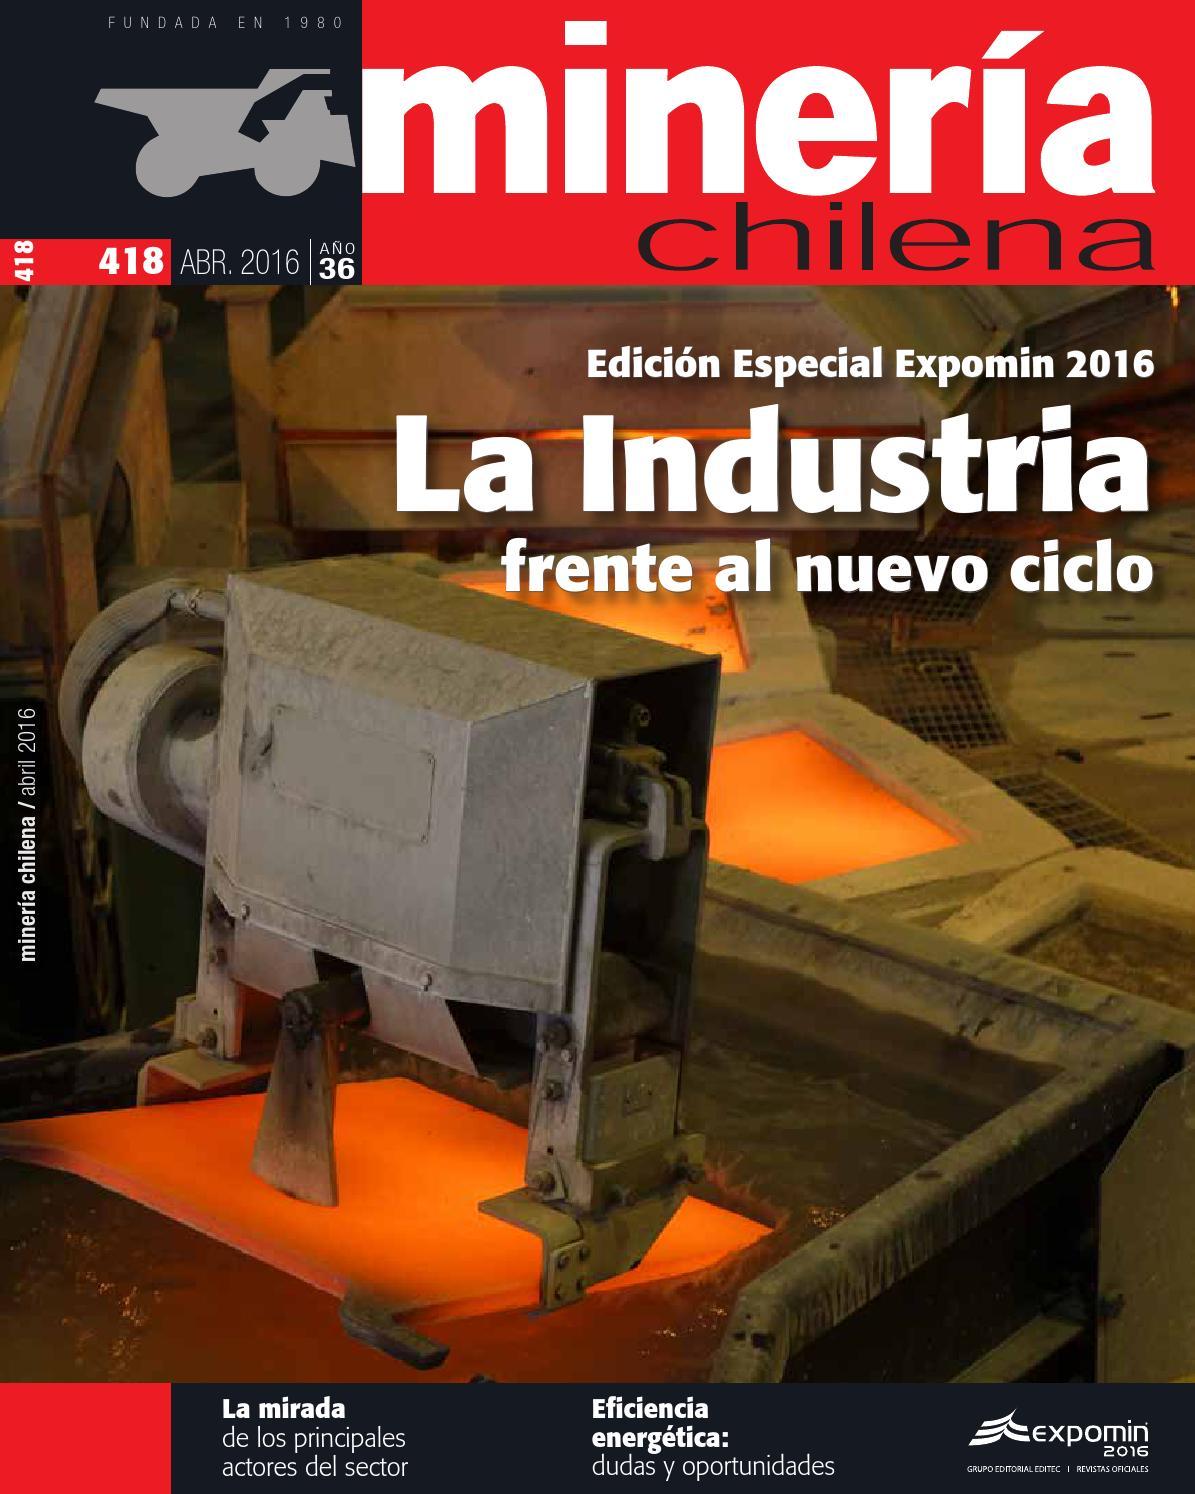 Revista MINERÍA CHILENA 418 / Abril 2016 by Editec - issuu